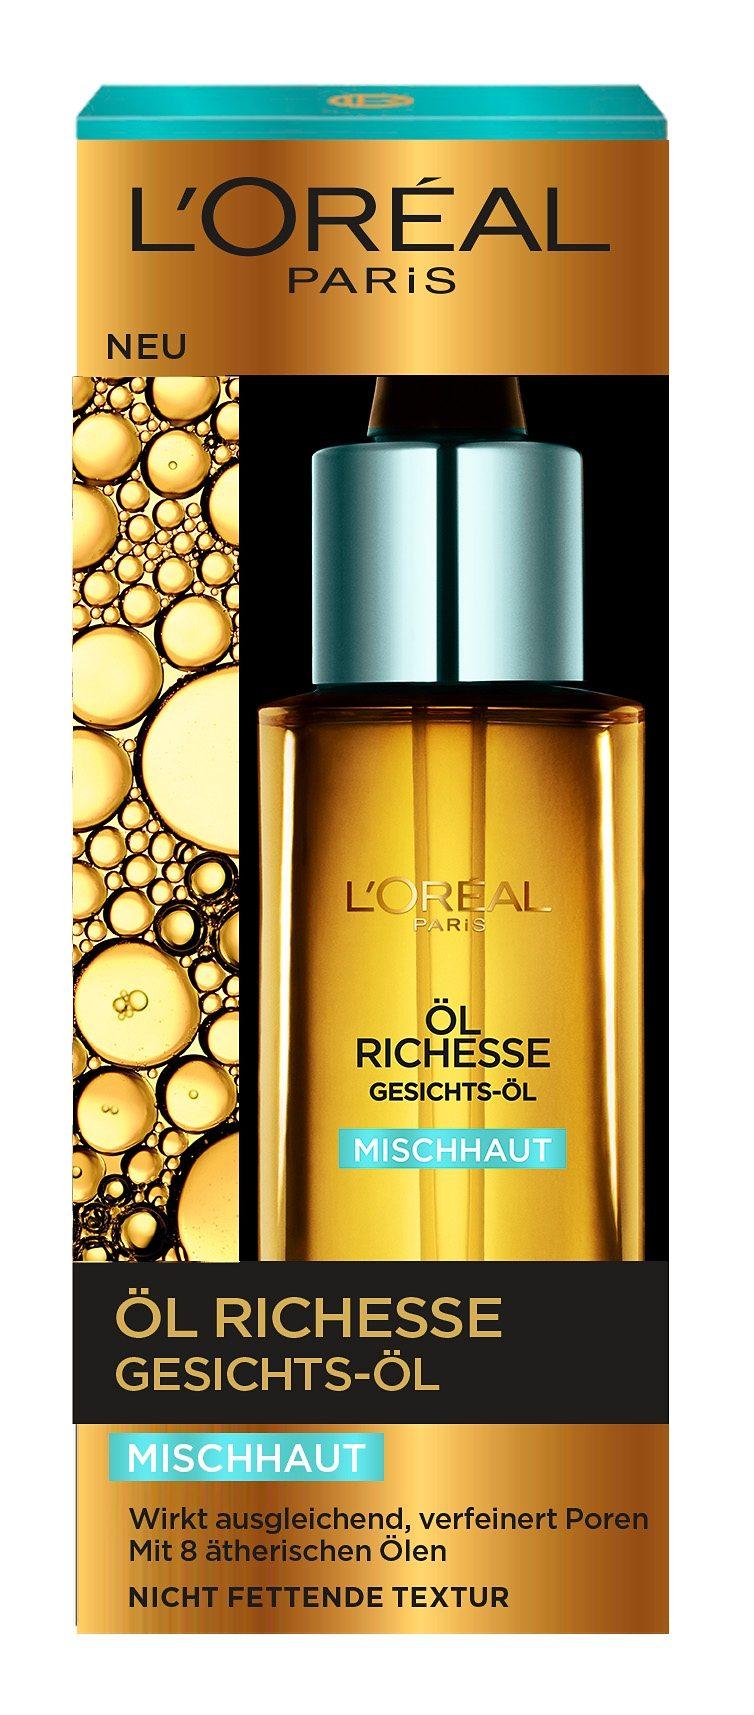 L'Oreal Paris, »Öl Richesse«, Gesichts-Öl für Mischhaut